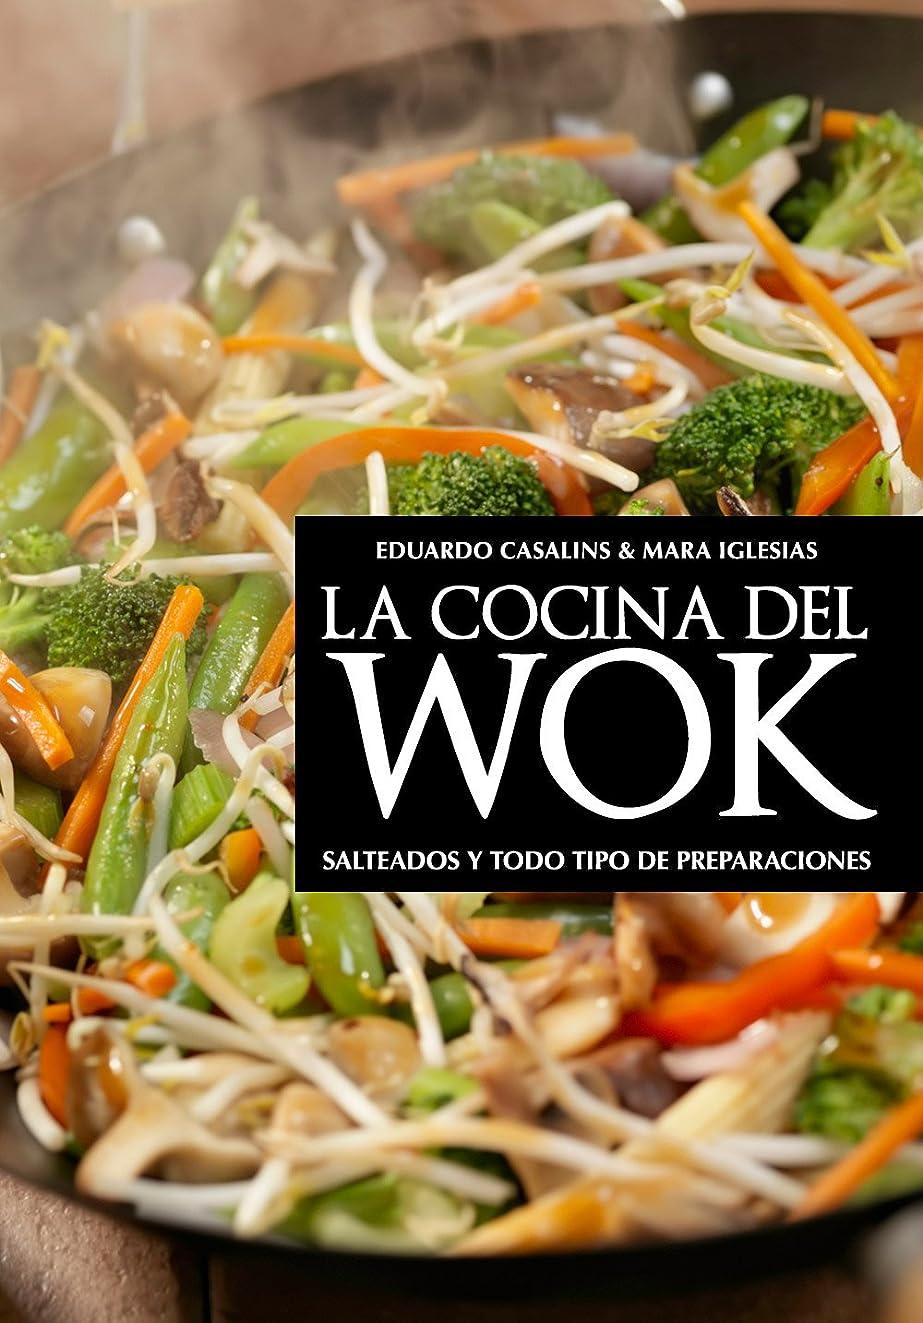 La cocina del wok (Spanish Edition)